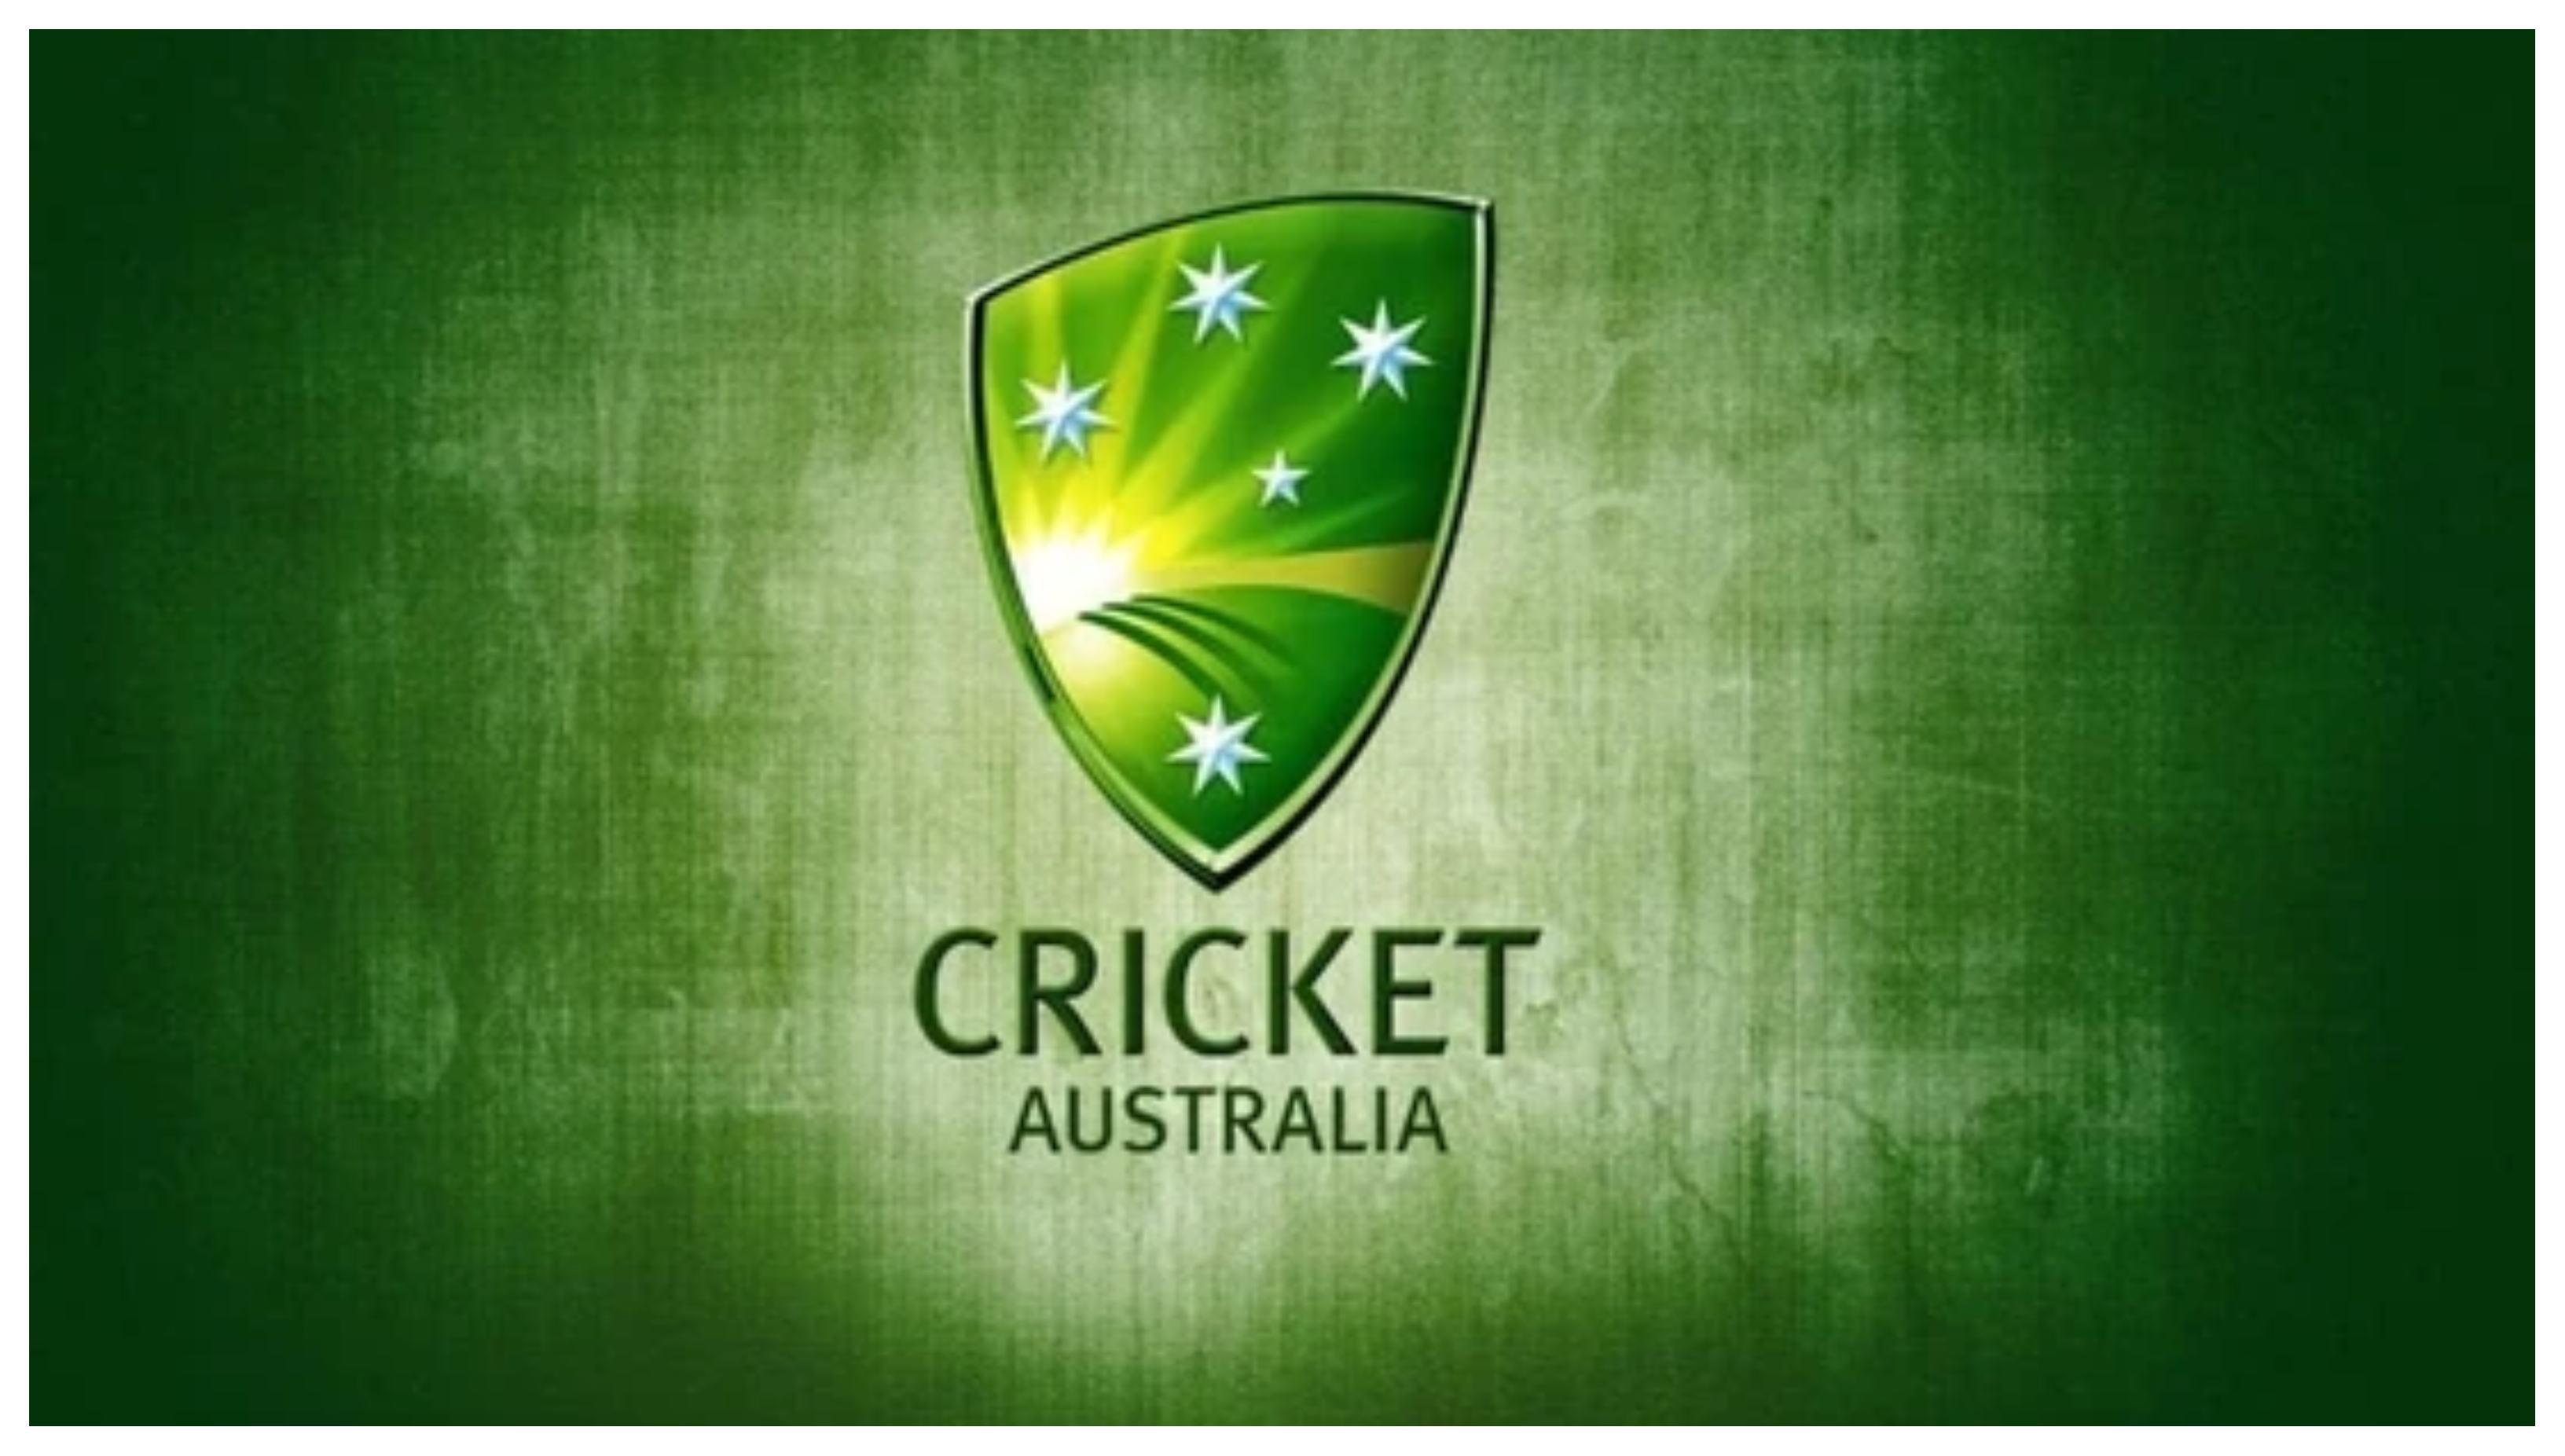 Cricket Australia | Twitter